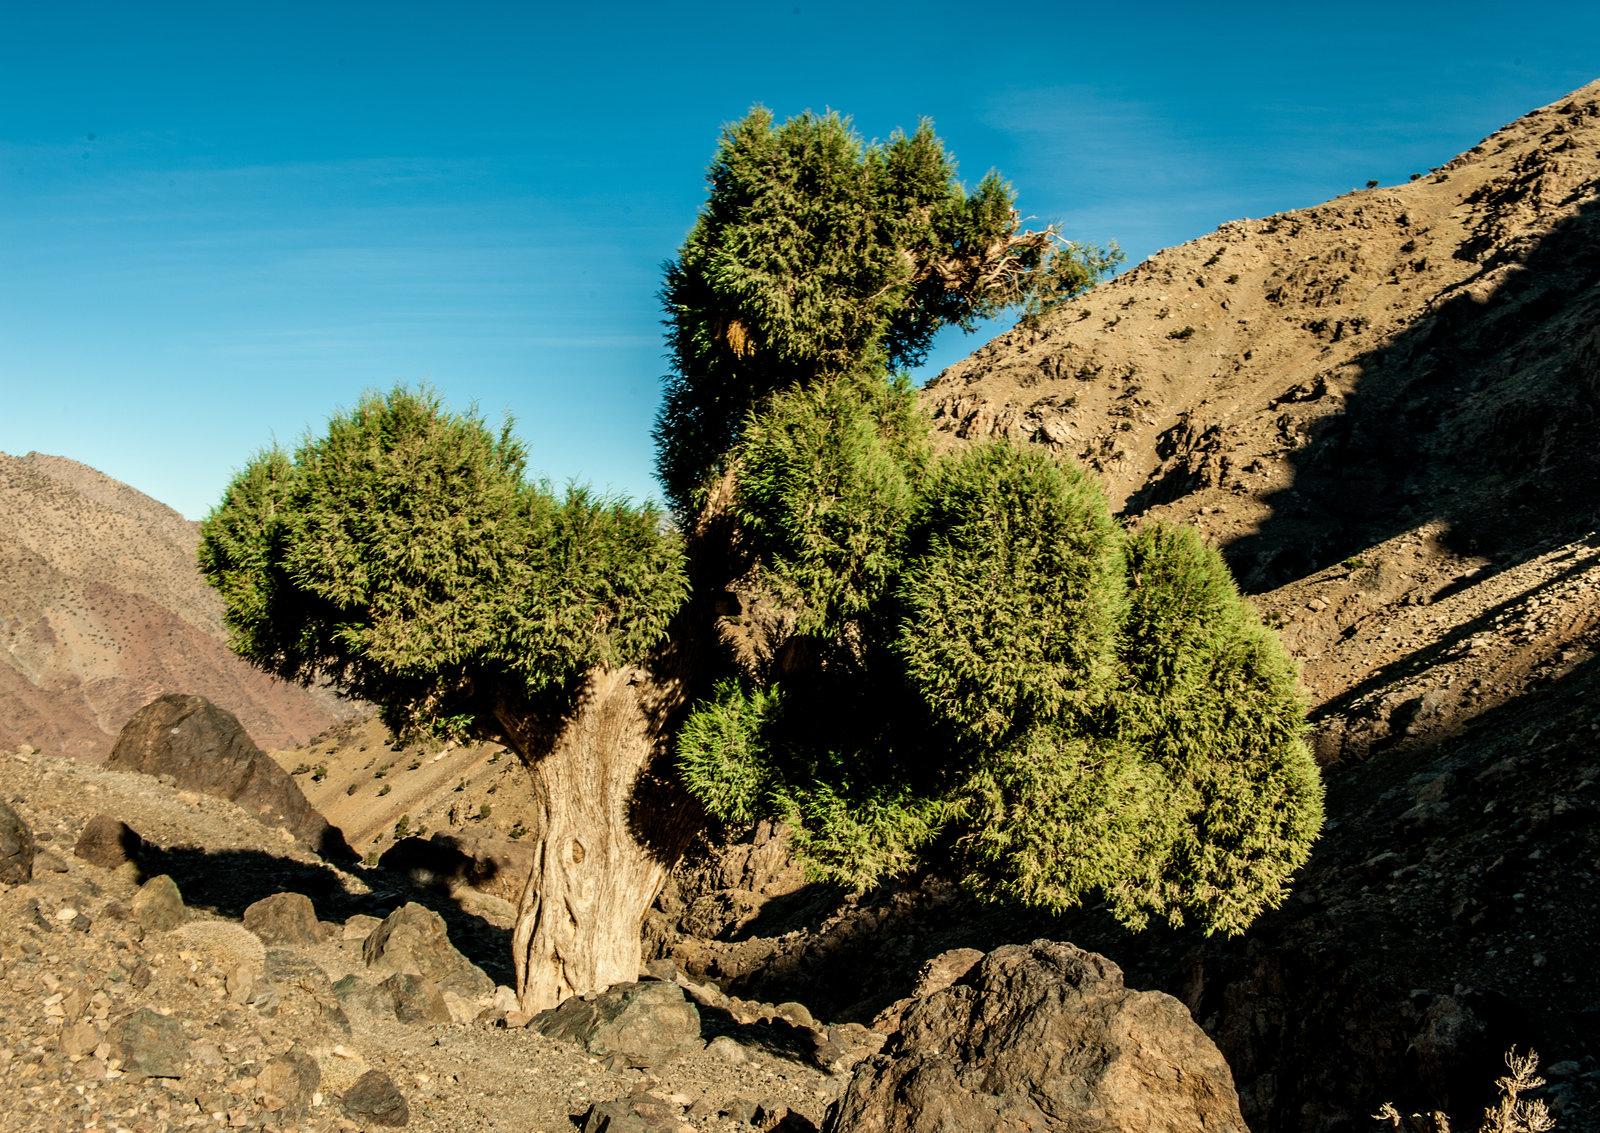 maroko-antyatlas-trekking-marrakesz-14